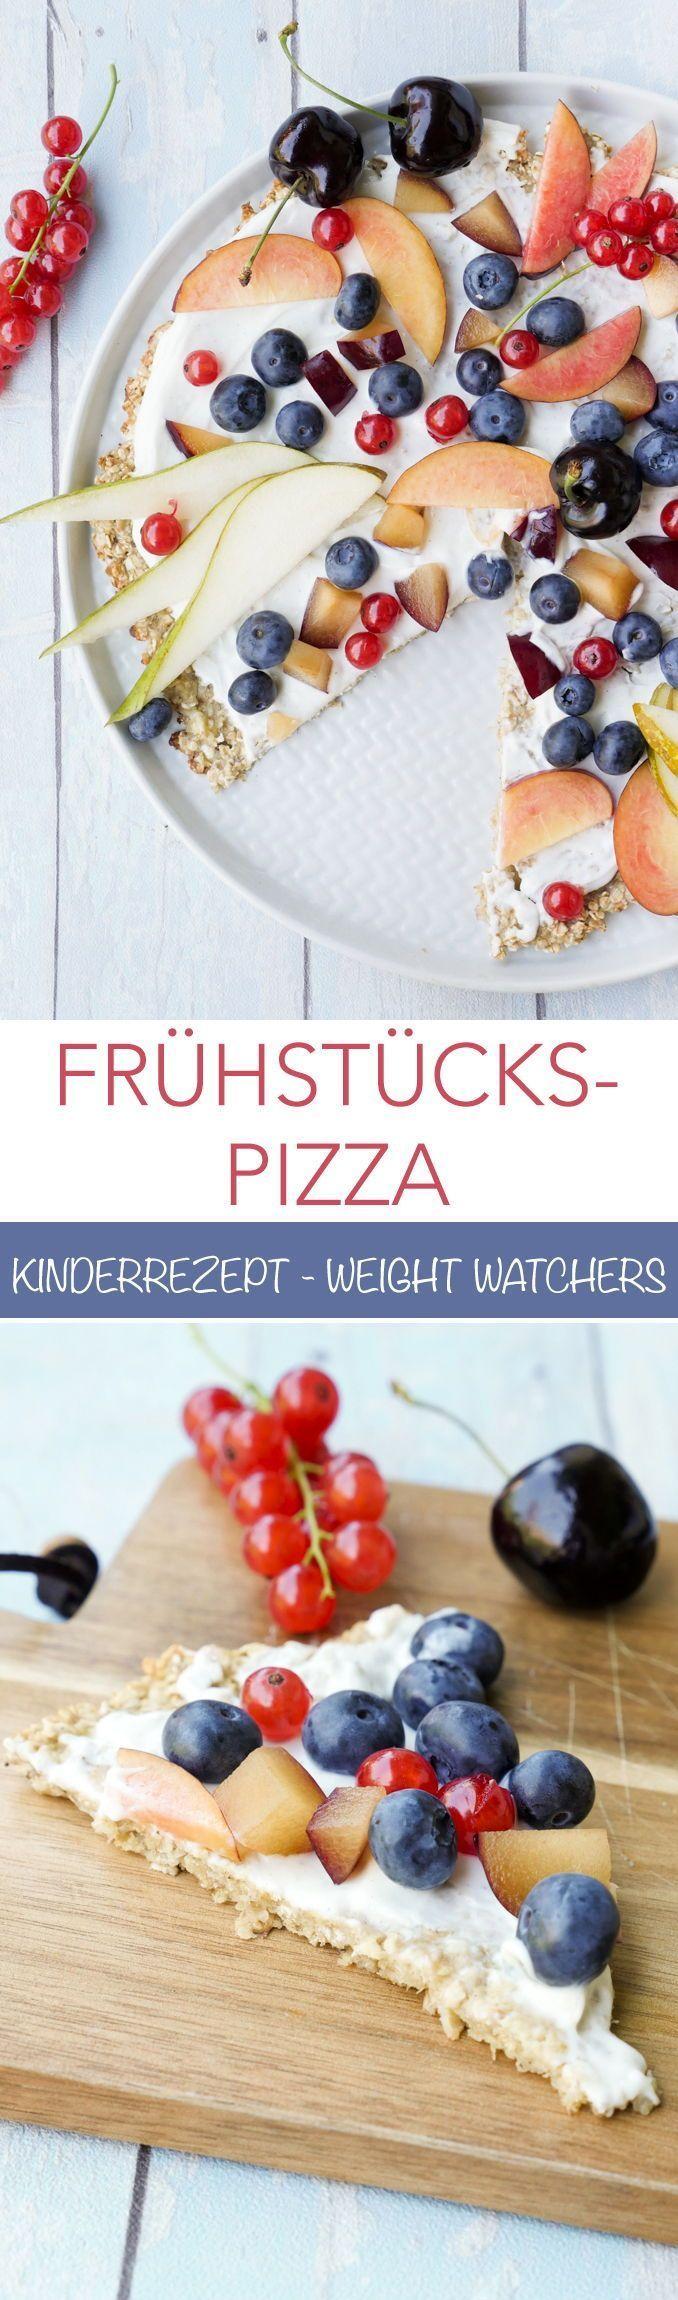 Hauptfarbdesign-bilder draußen schnelle frühstückspizza  die pizza zum frühstück  recipe